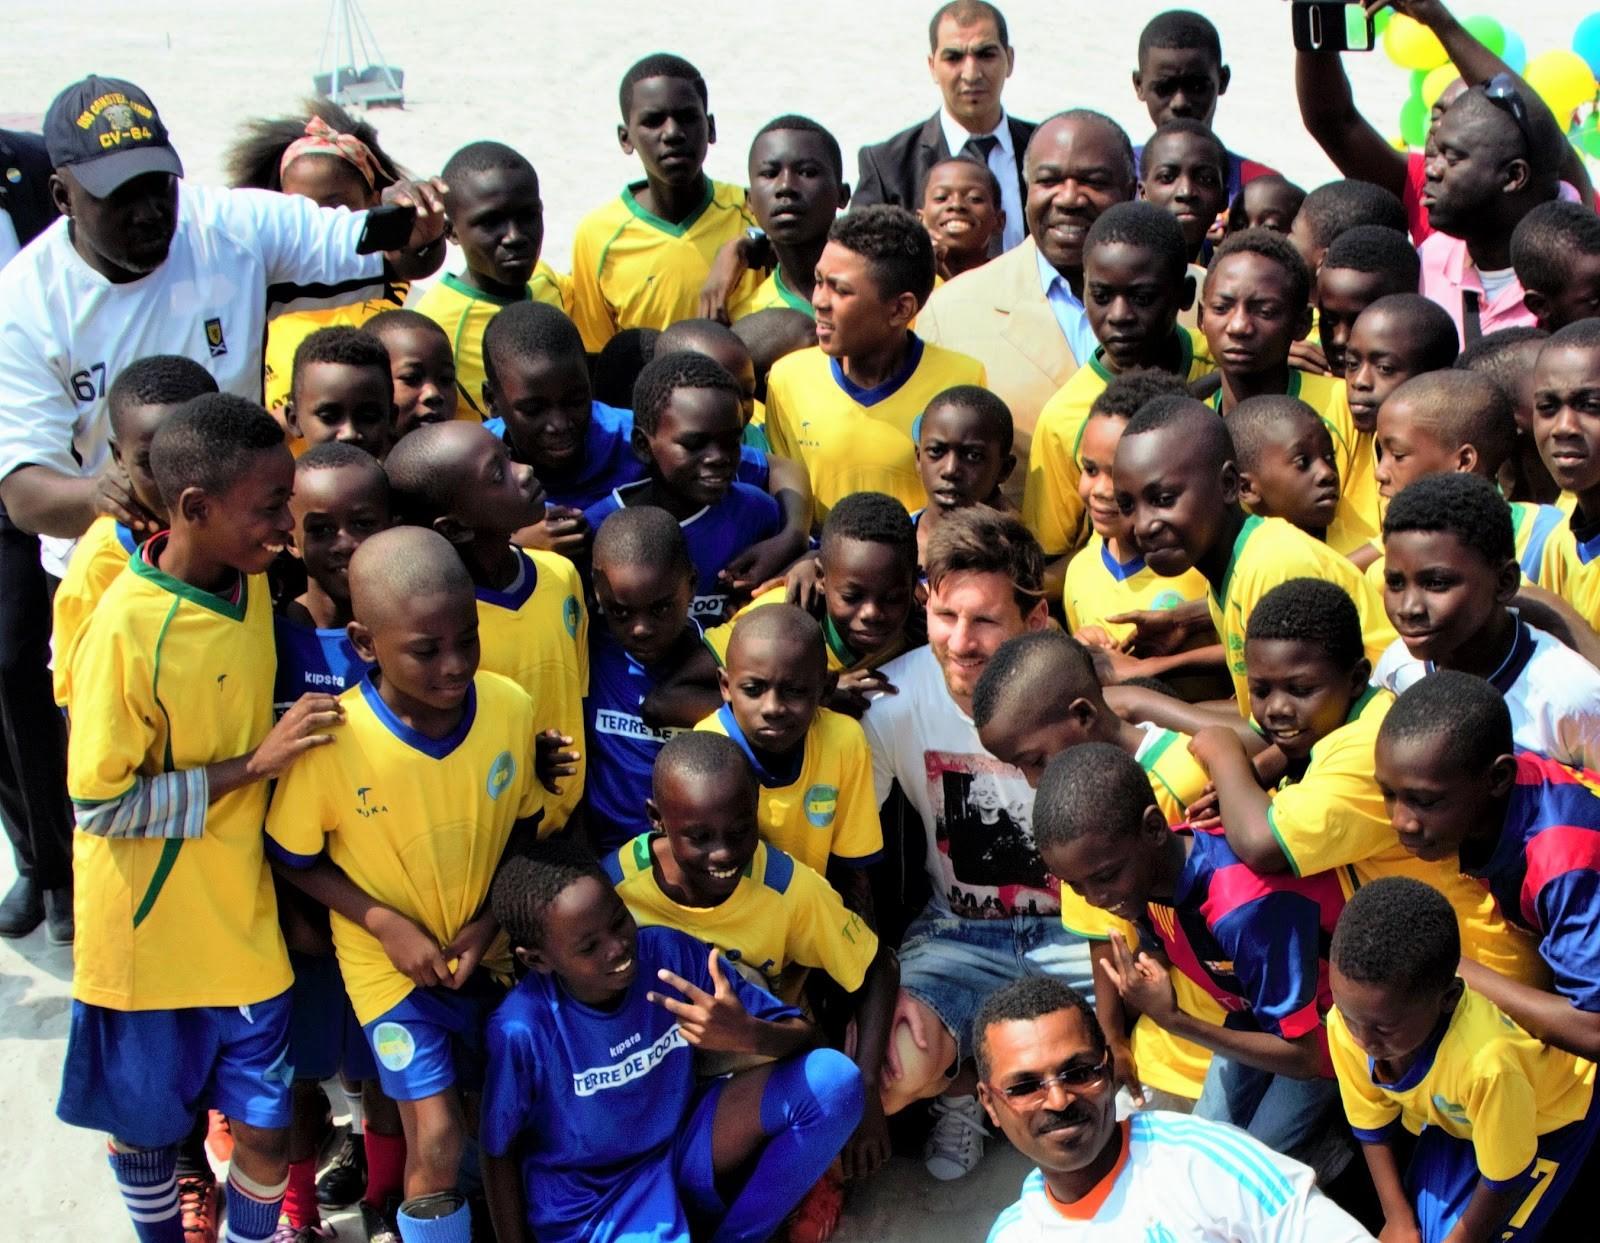 Lionel Messi en compagnie des élèves d'une école de football à Port-gentil @ stop-kongossa.com